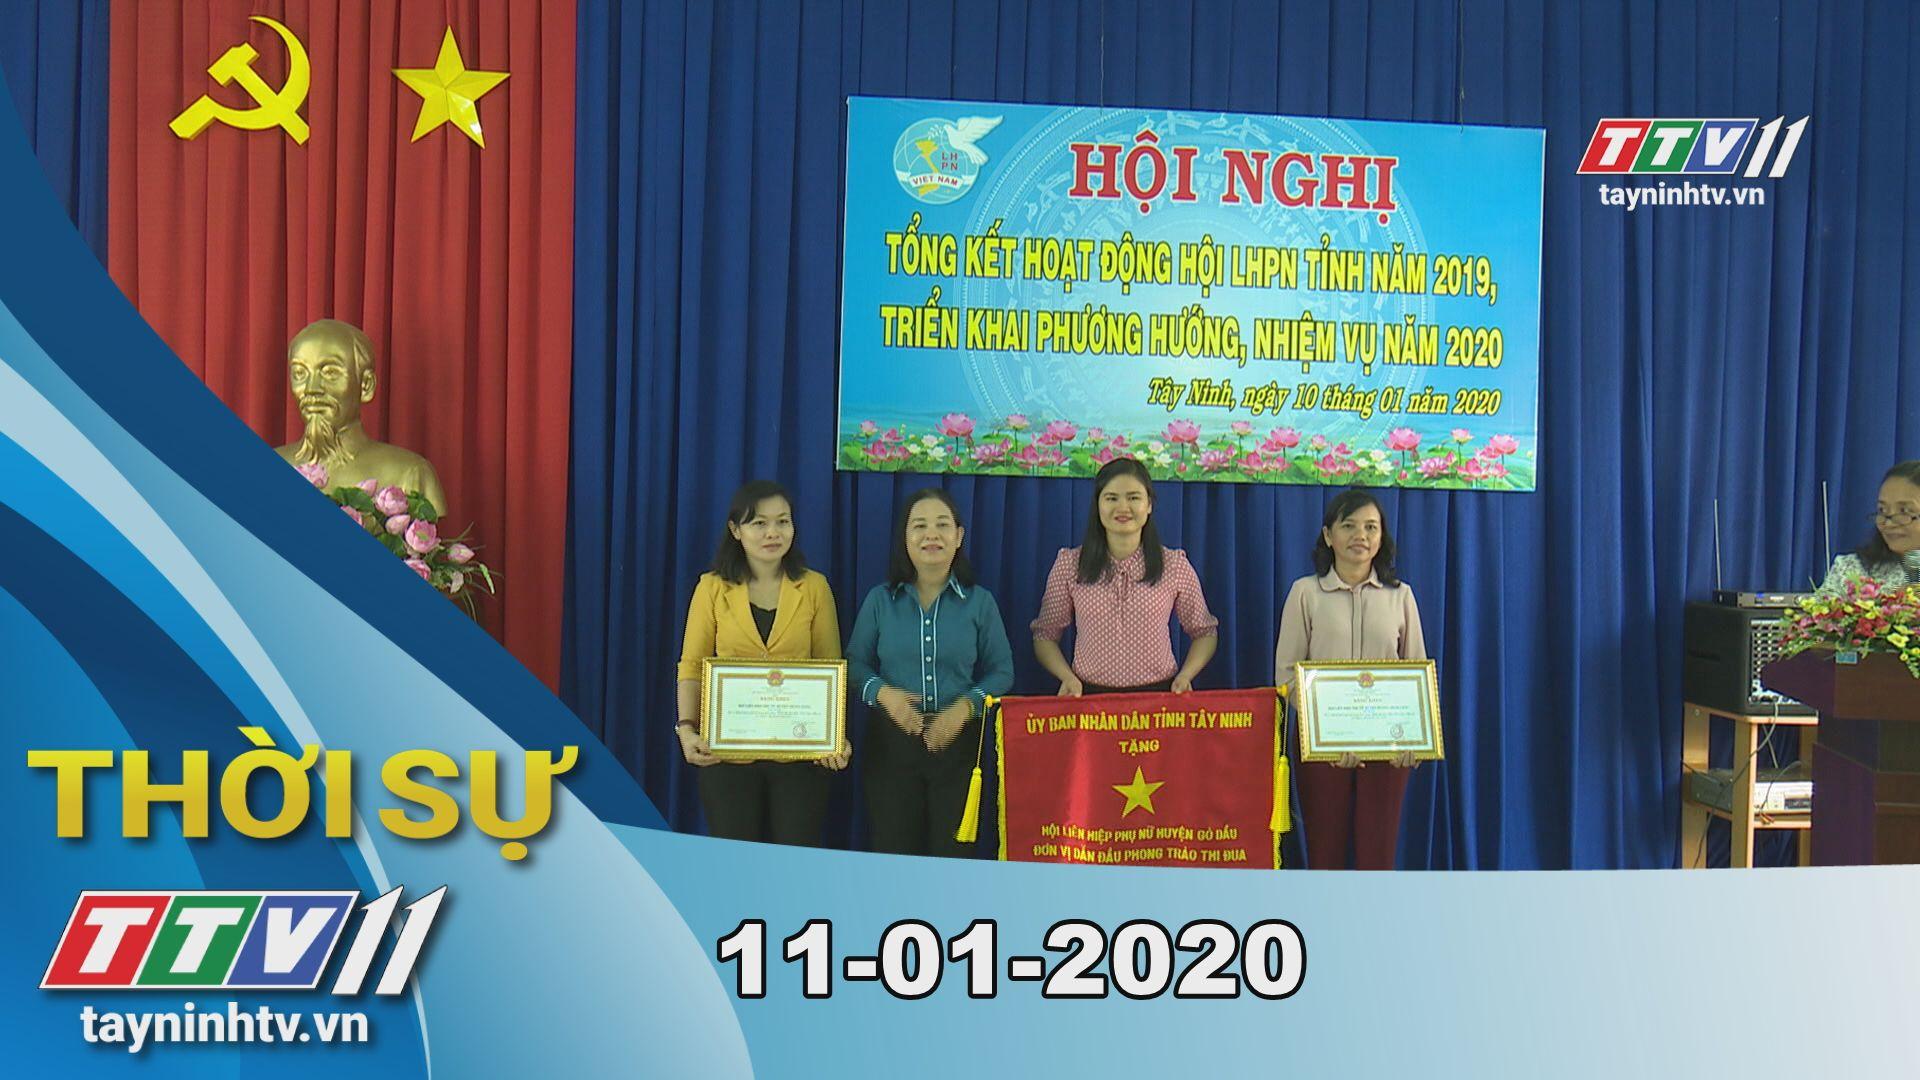 Thời sự Tây Ninh 11-01-2020 | Tin tức hôm nay | TayNinhTV